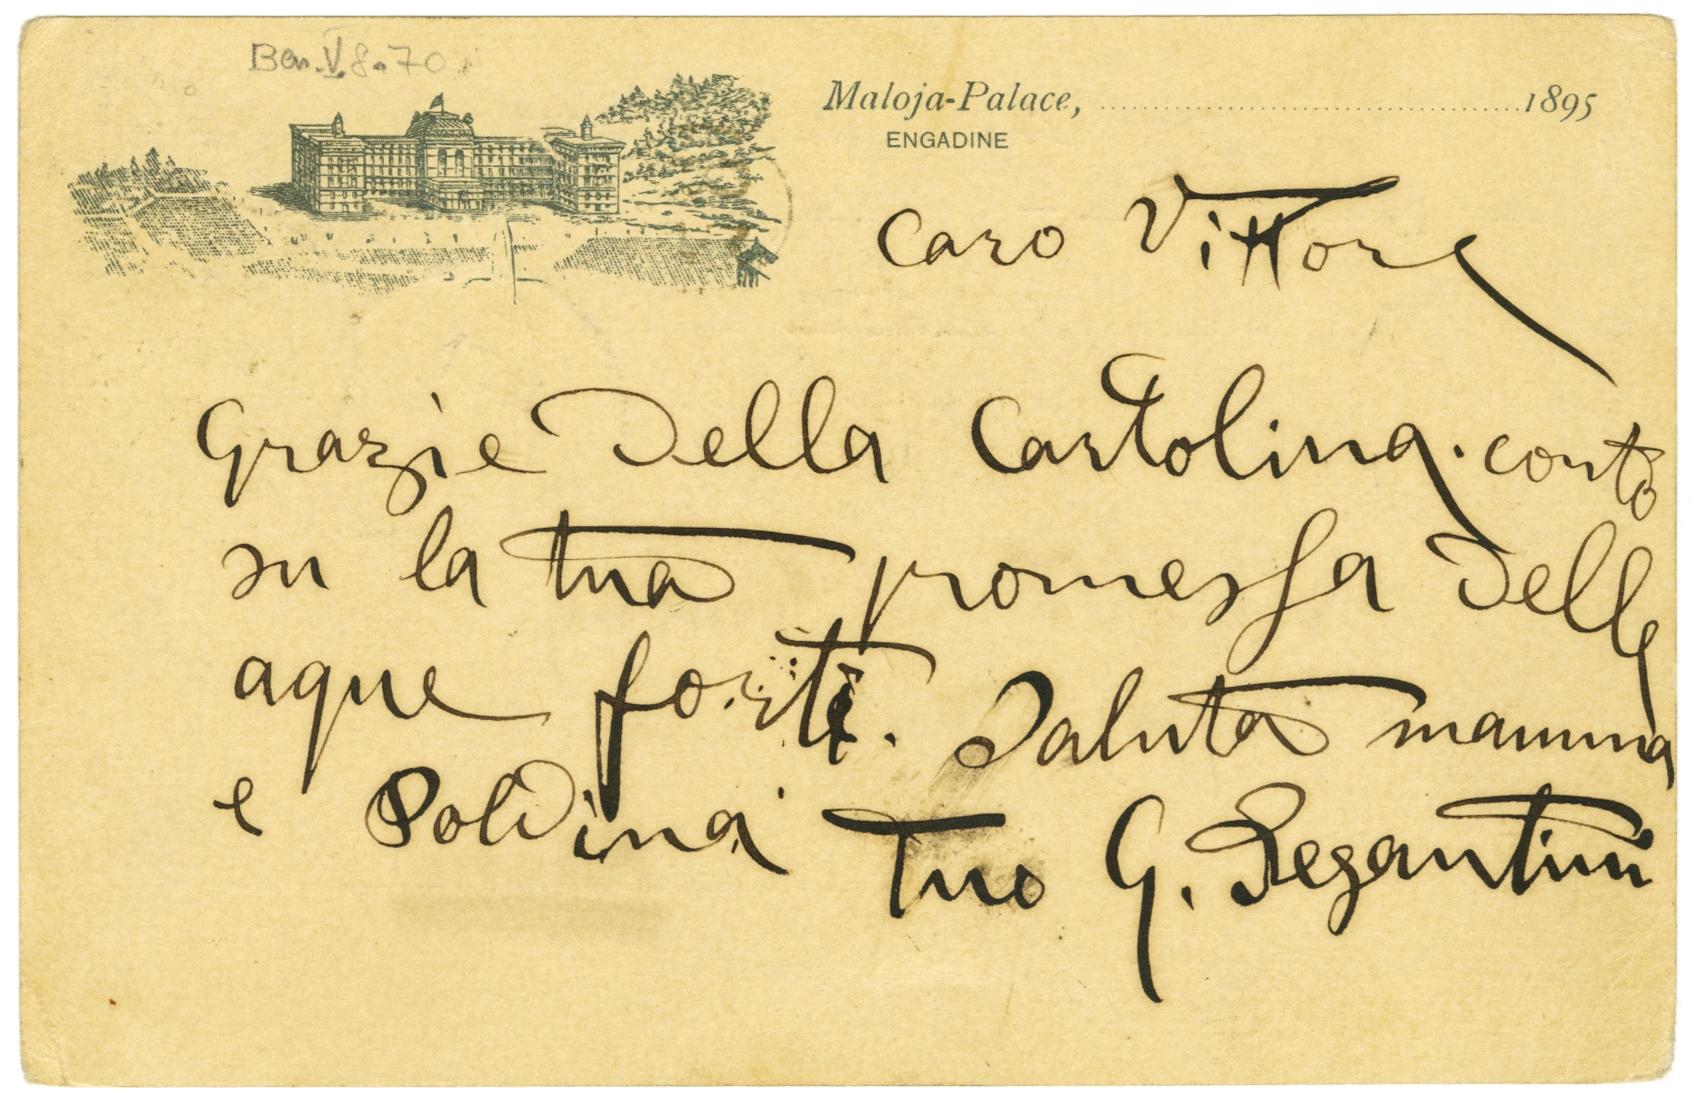 Cartolina di Giovanni Segantini a Vittore Grubicy, 1895 circa